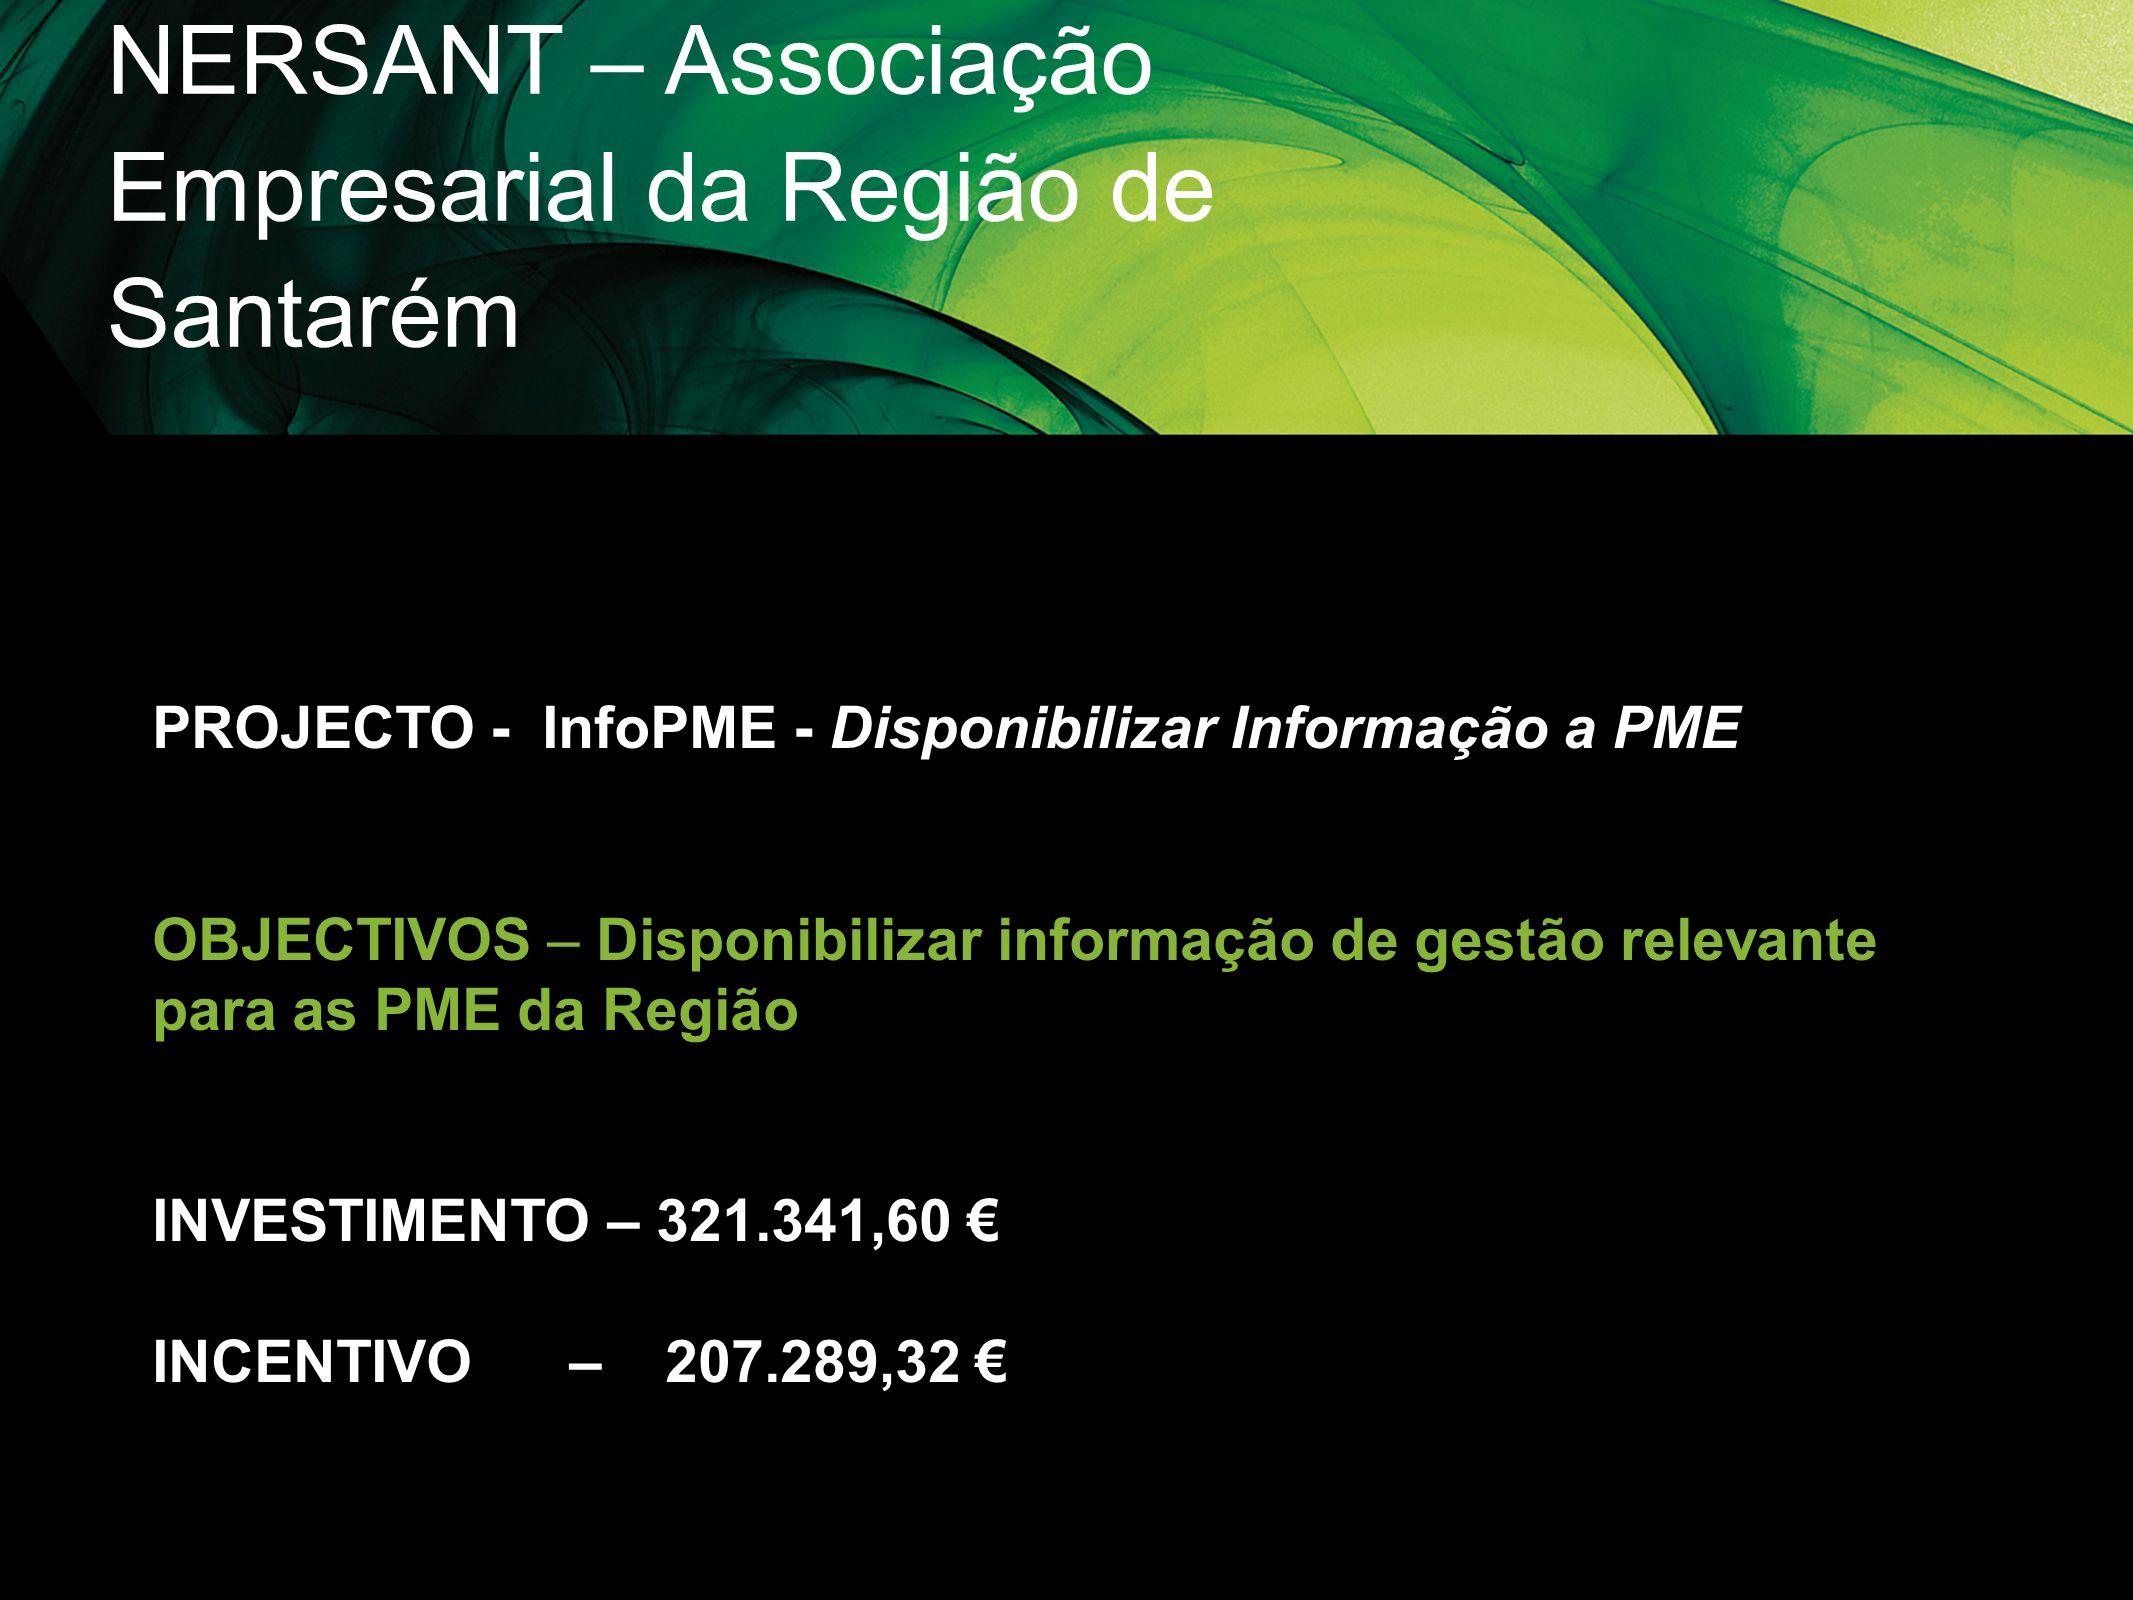 NERSANT – Associação Empresarial da Região de Santarém PROJECTO - InfoPME - Disponibilizar Informação a PME OBJECTIVOS – Disponibilizar informação de